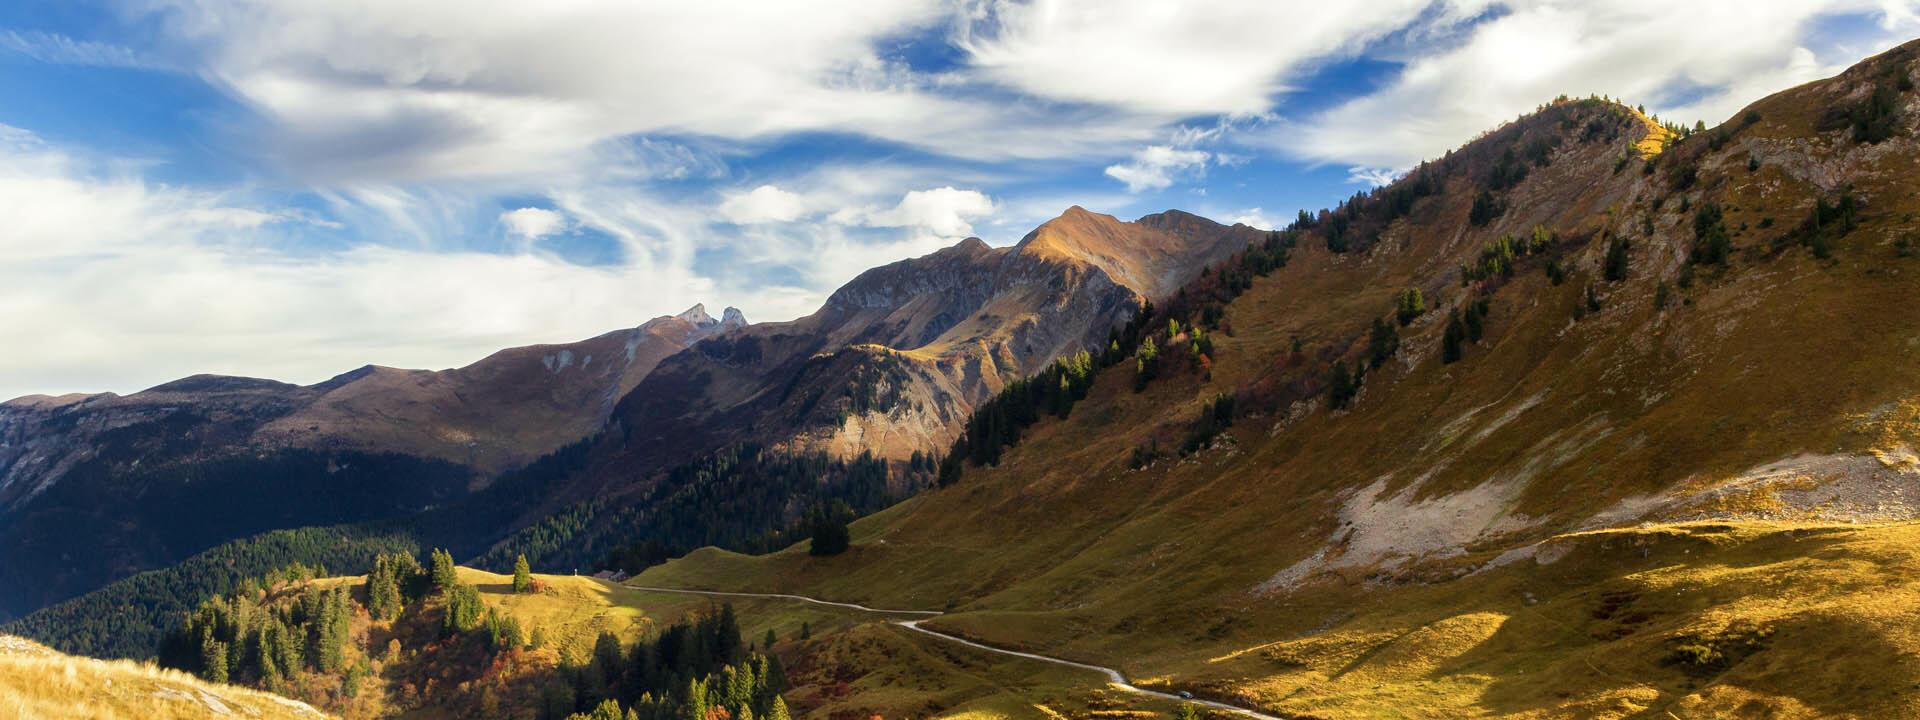 The best Alps road trip: La Route des Grandes Alpes